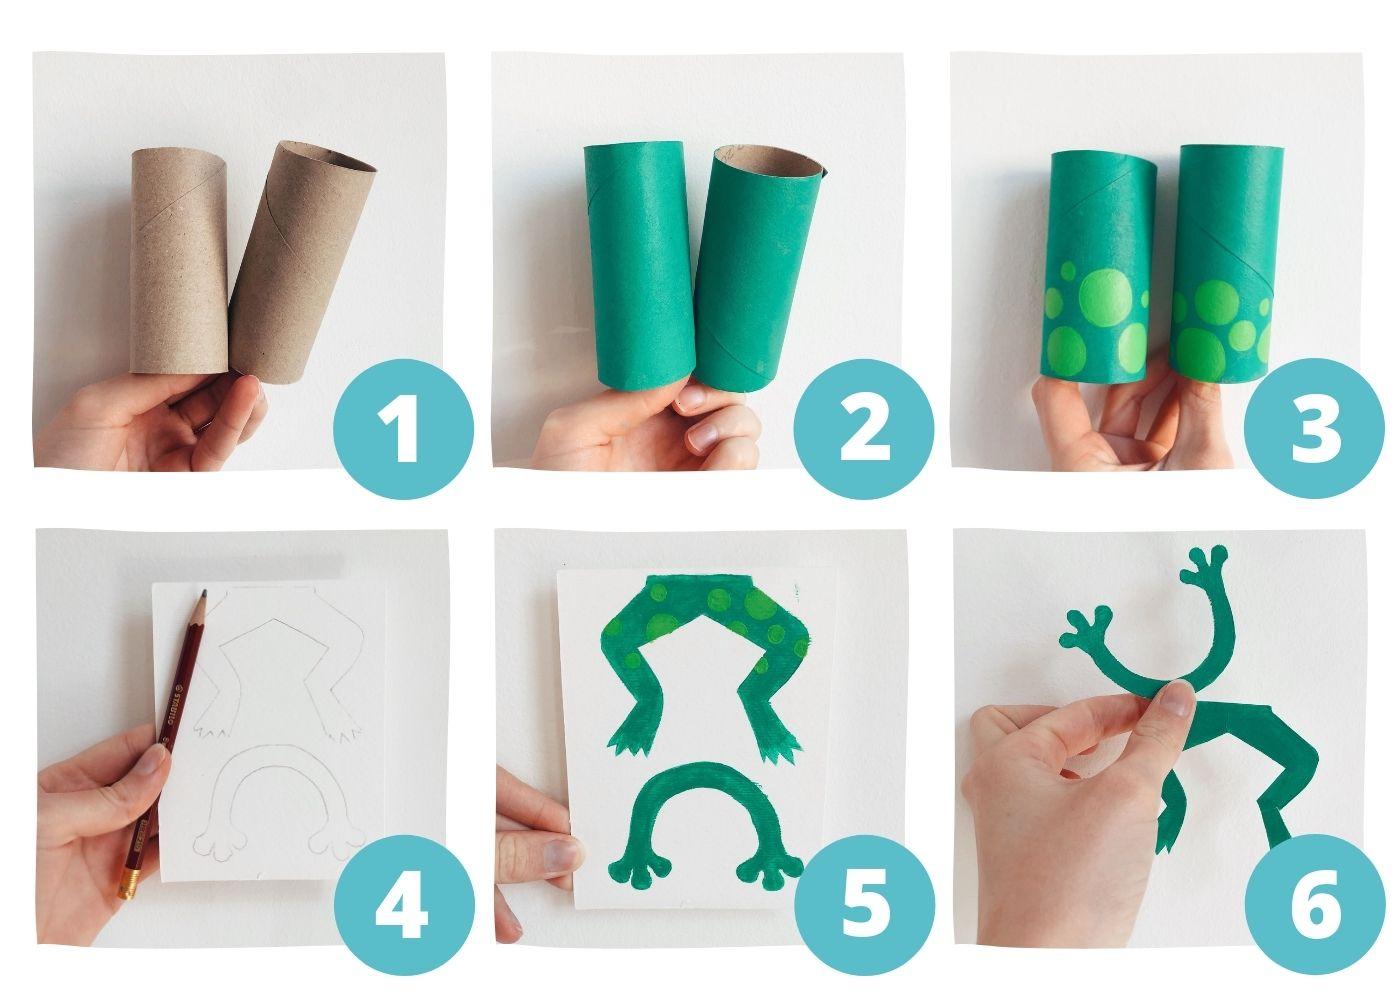 Pasos 1 - 6 de la rana con rollos de papel higiénico